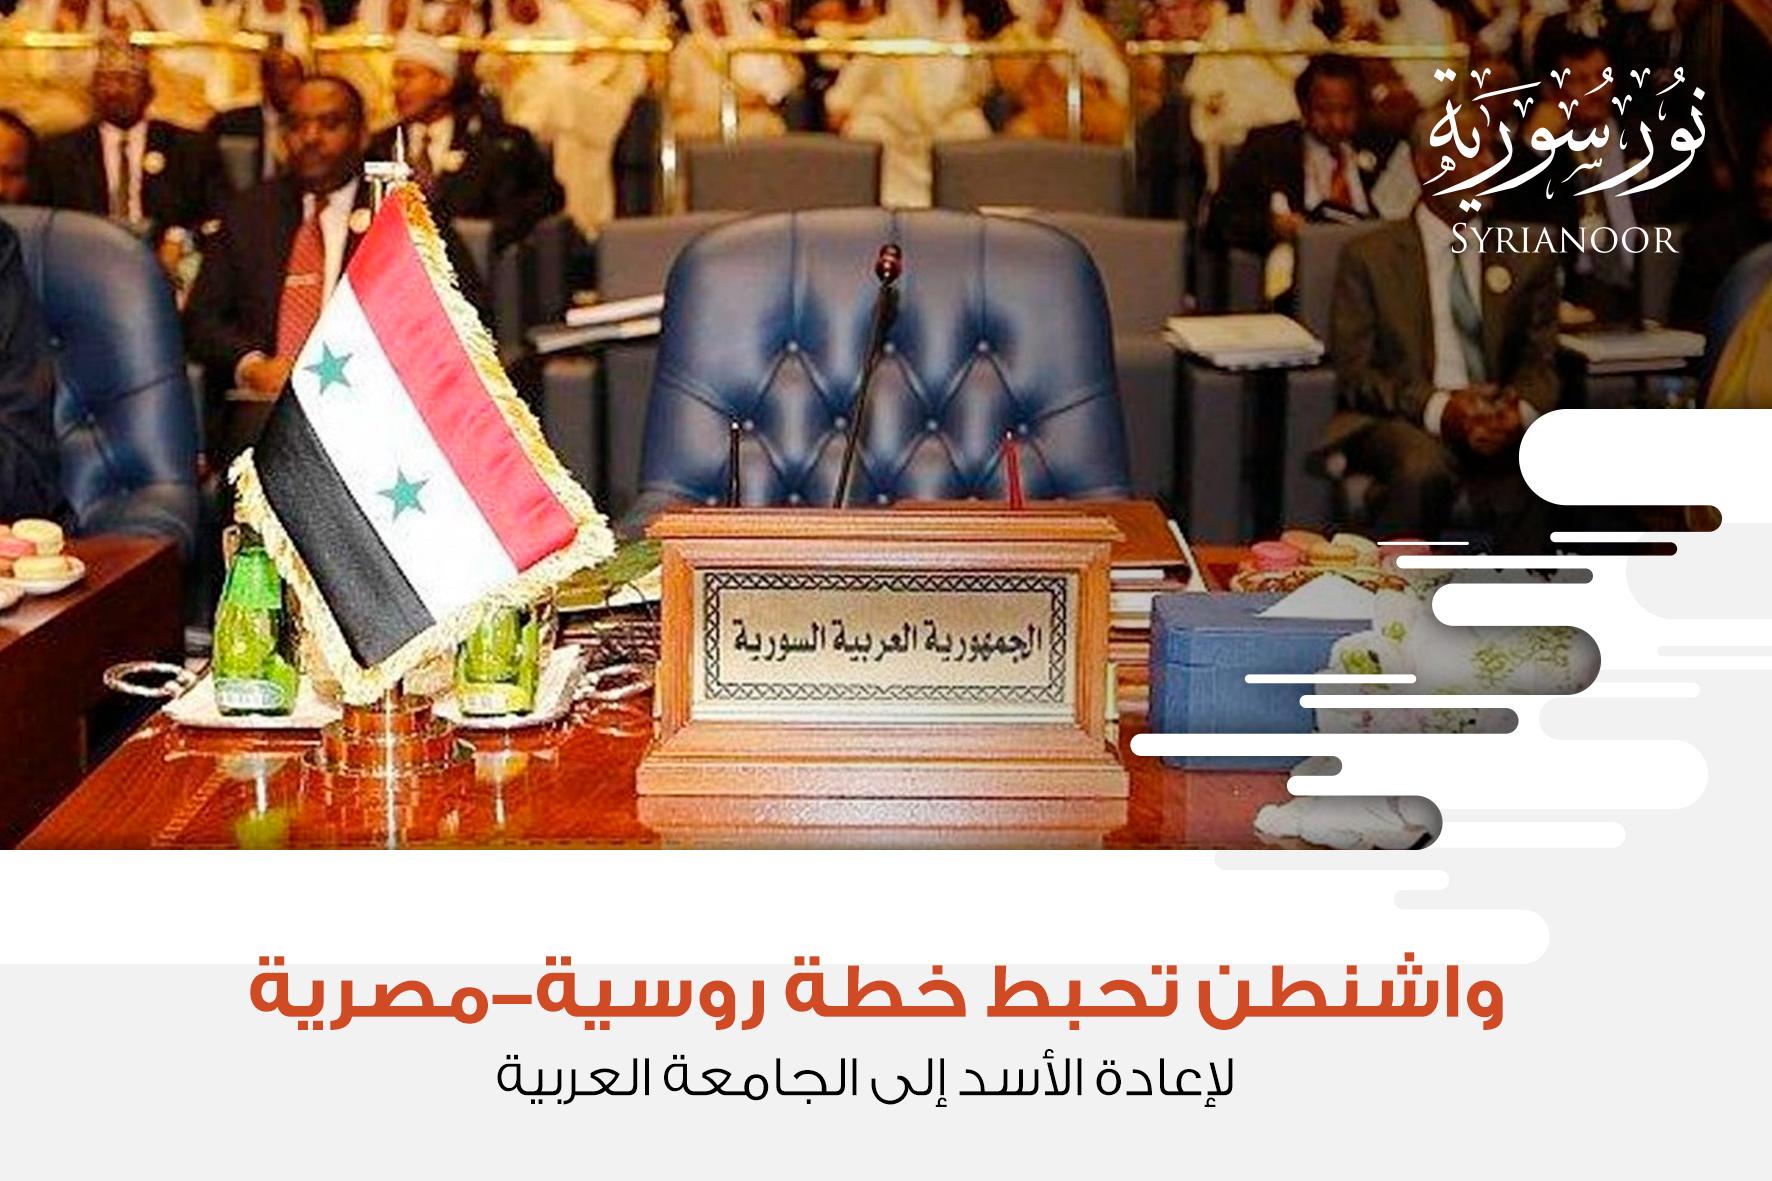 واشنطن تحبط خطة روسية-مصرية لإعادة الأسد إلى الجامعة العربية